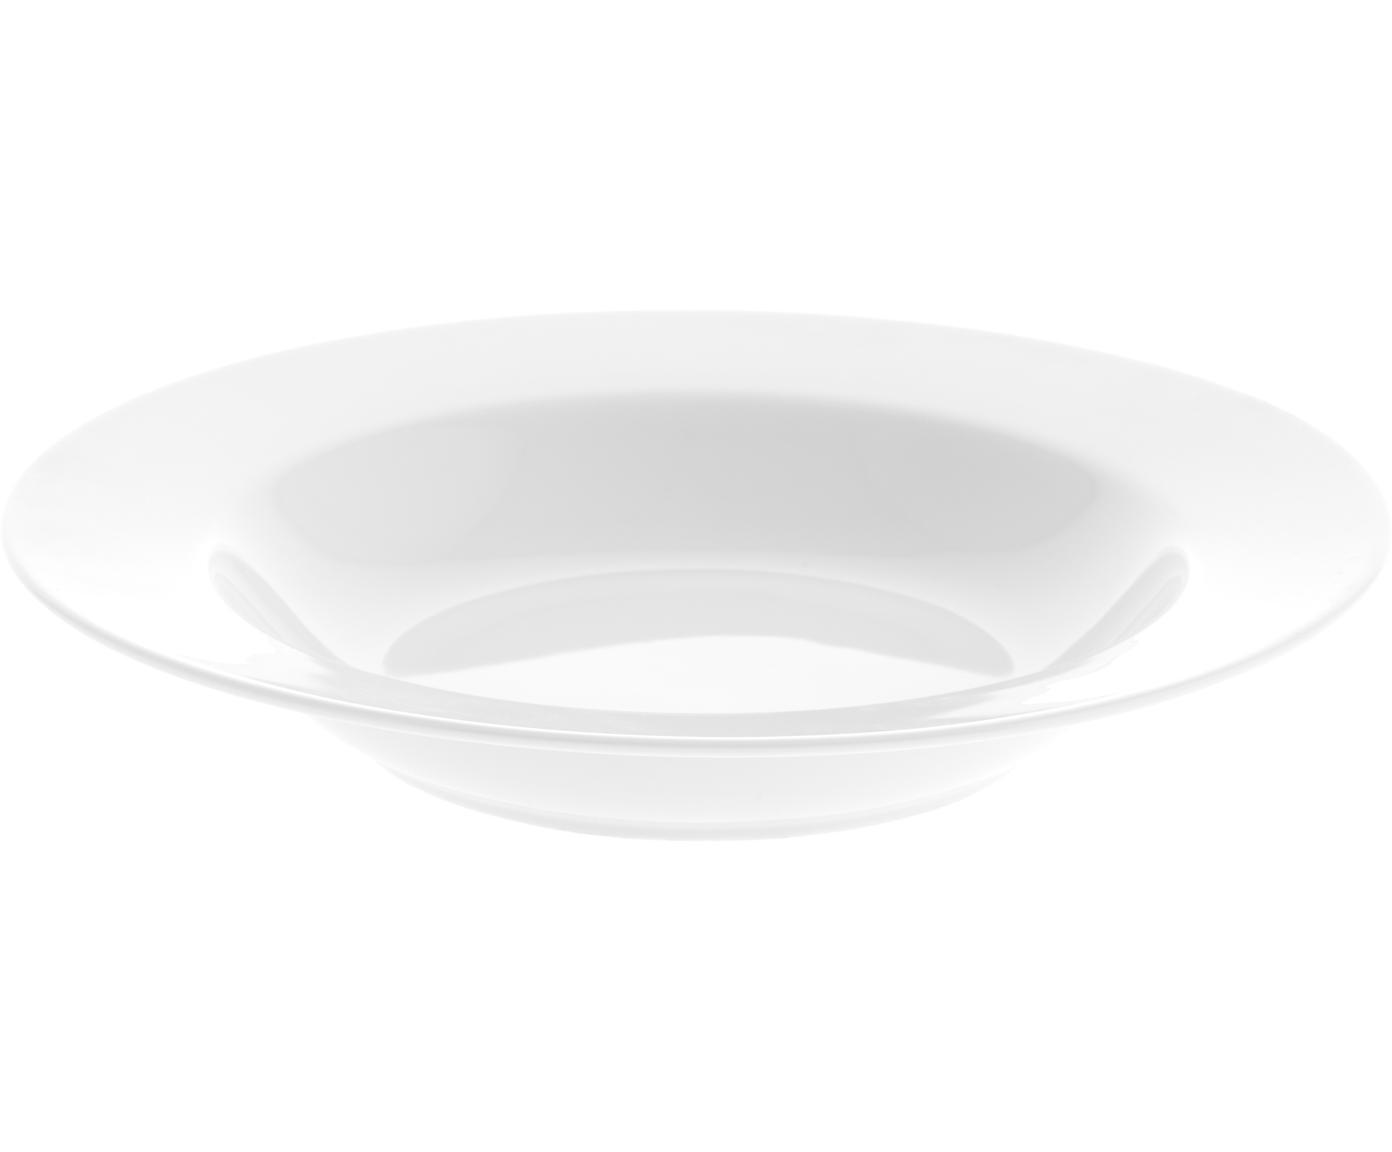 Porzellan-Suppenteller Delight Classic in Weiß, 2 Stück, Porzellan, Weiß, Ø 23 x H 4 cm